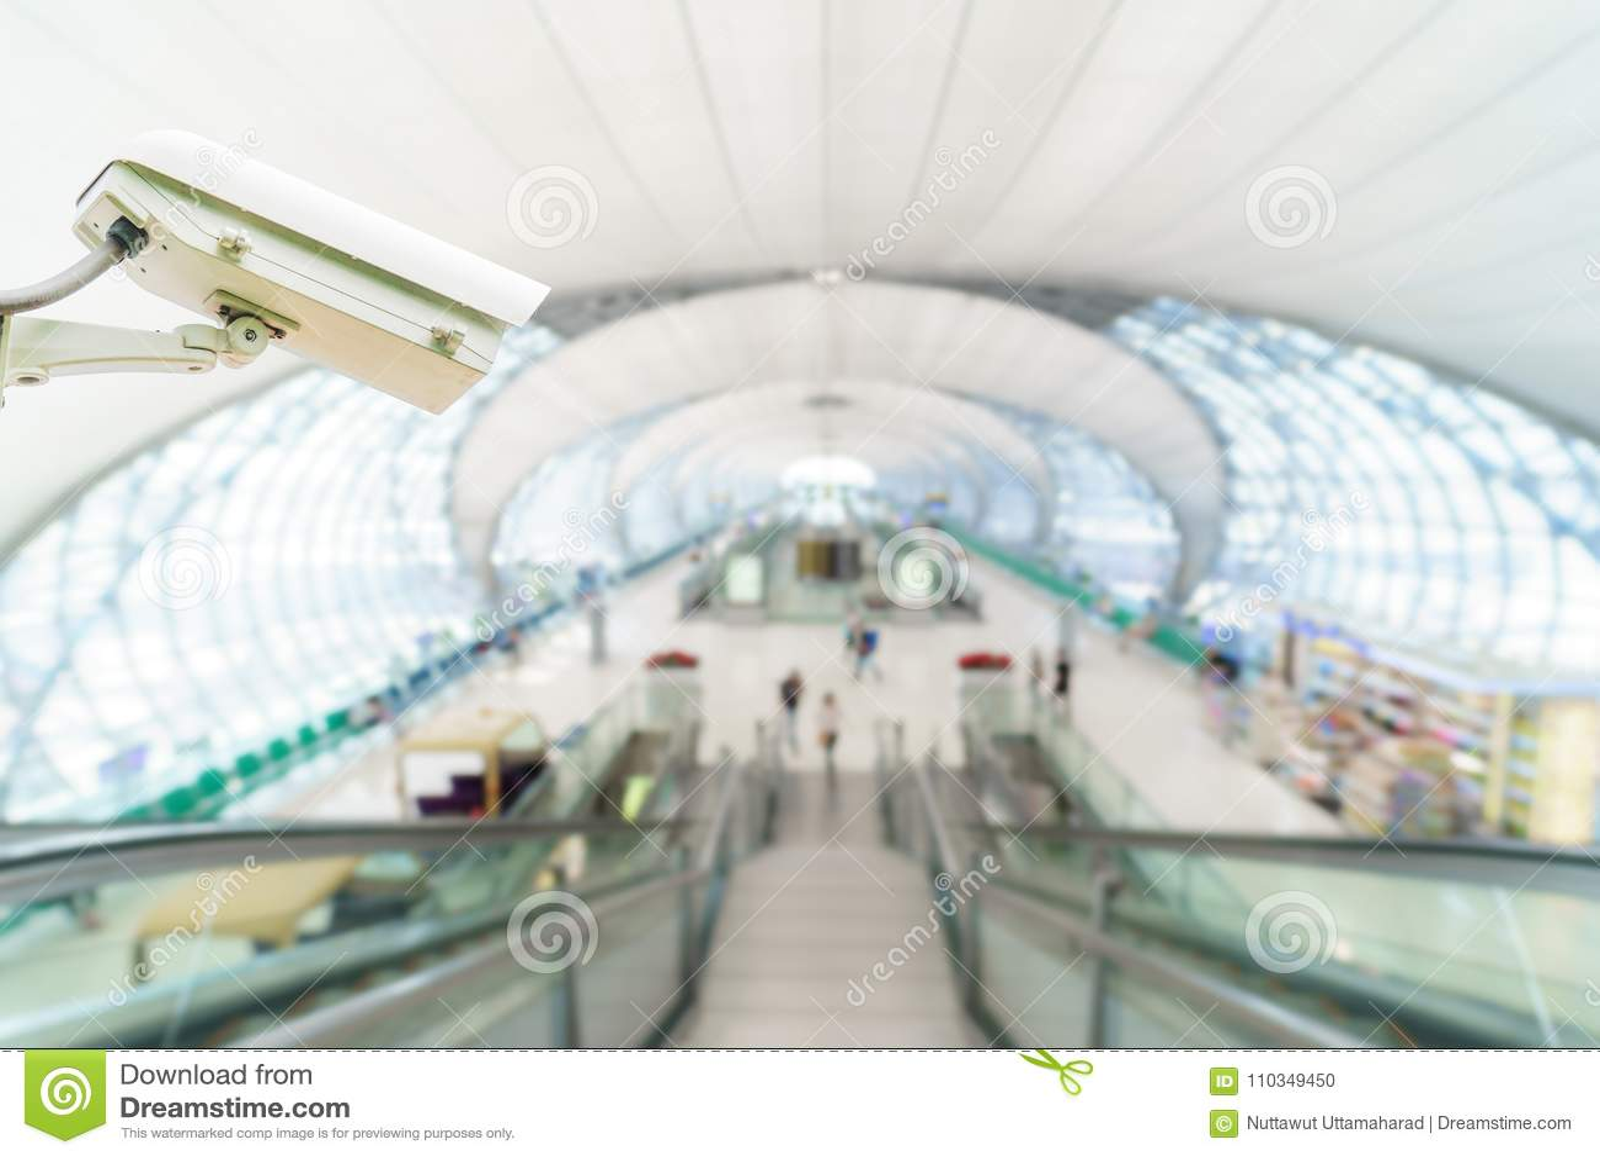 Έλεγχος ασφάλειας συστημάτων CCTV στον αερολιμένα